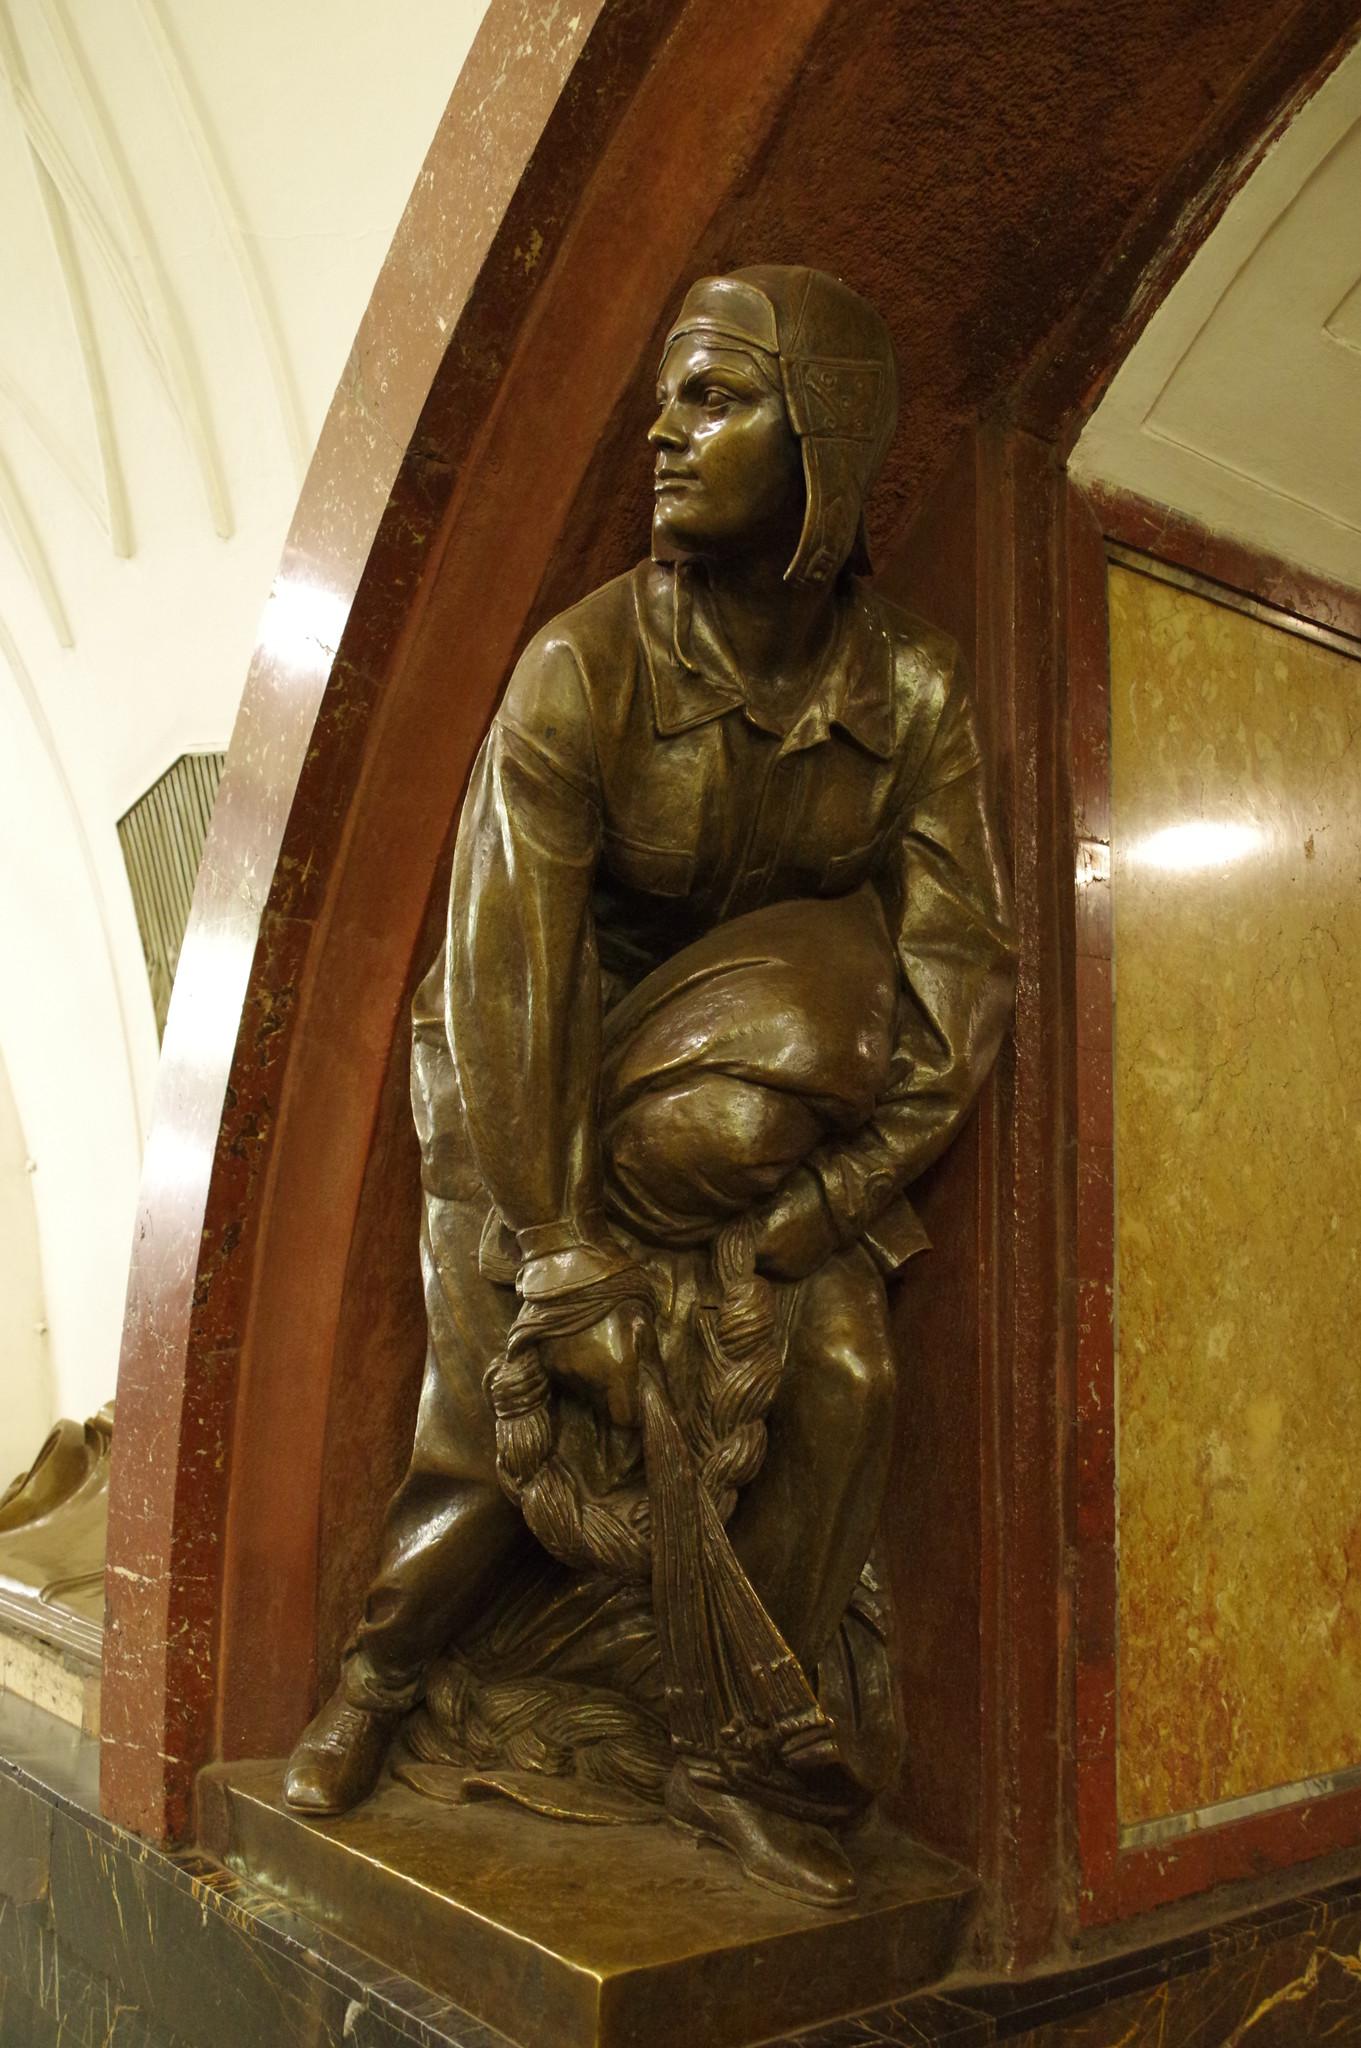 Скульптура «Парашютистка ДОСААФ» на станции «Площадь Революции» Московского метрополитена